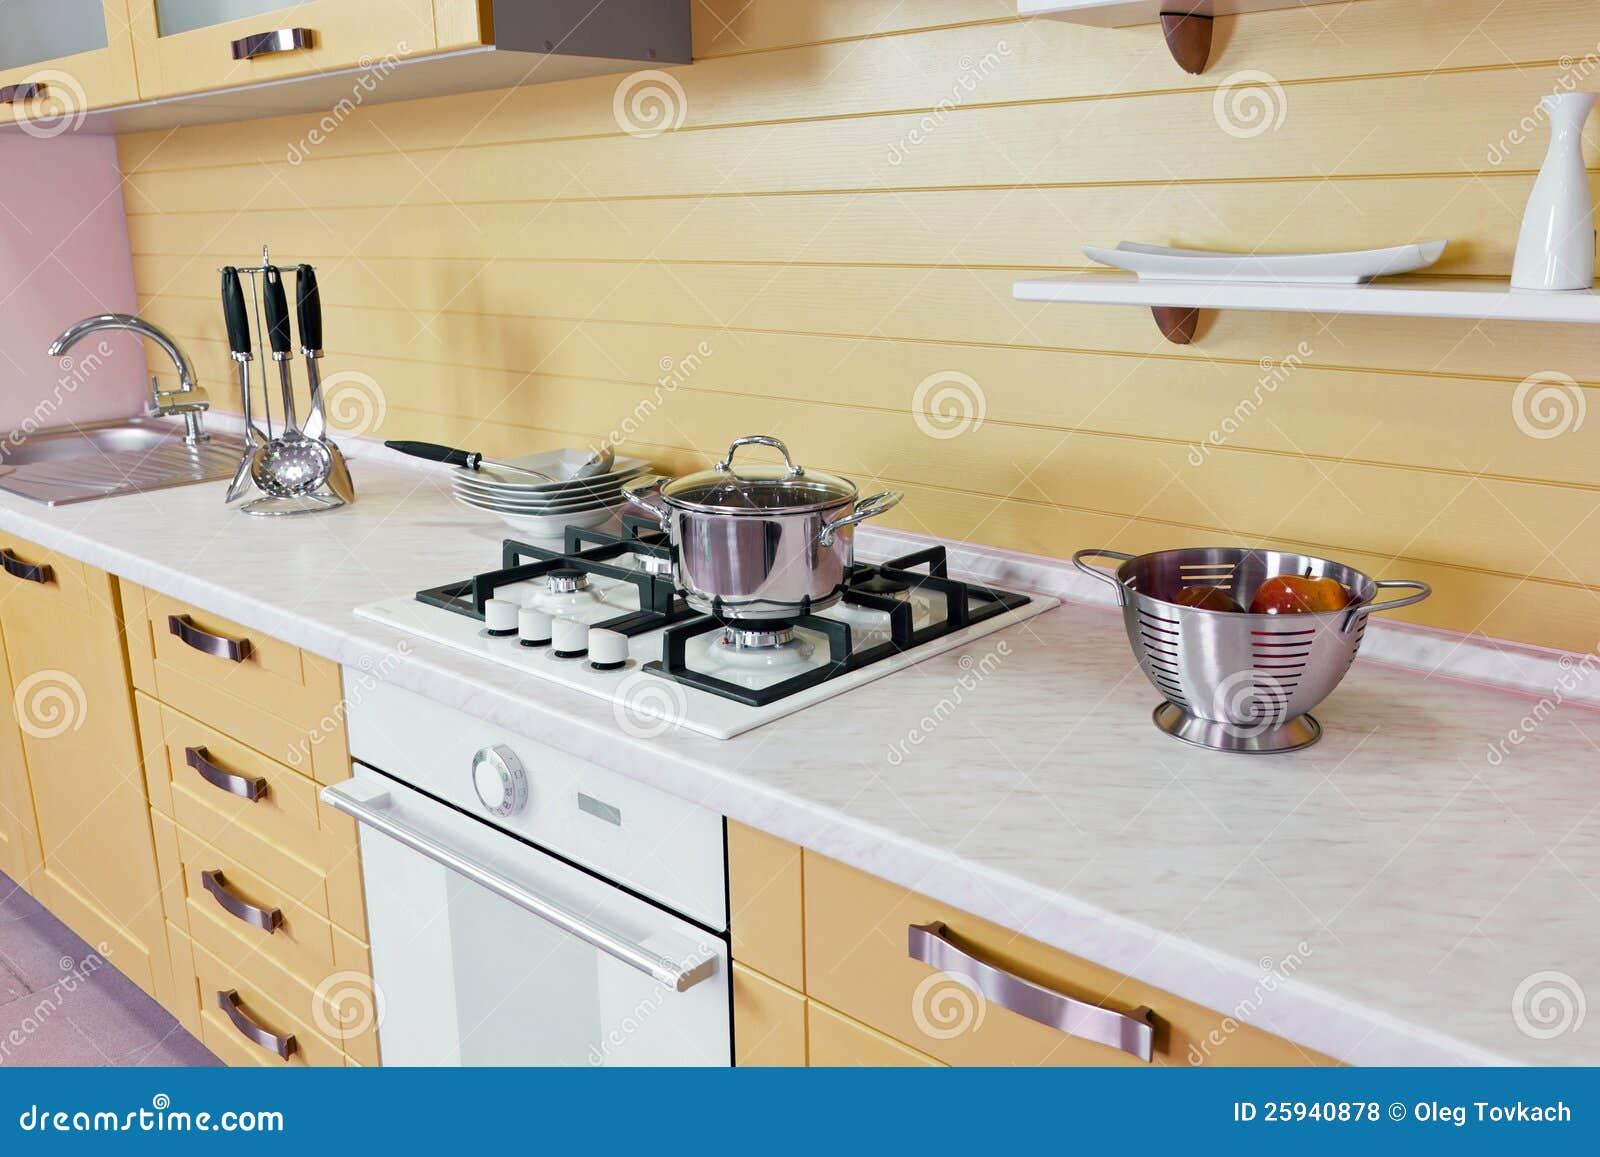 Geel wit keuken modern binnenland royalty vrije stock foto's ...